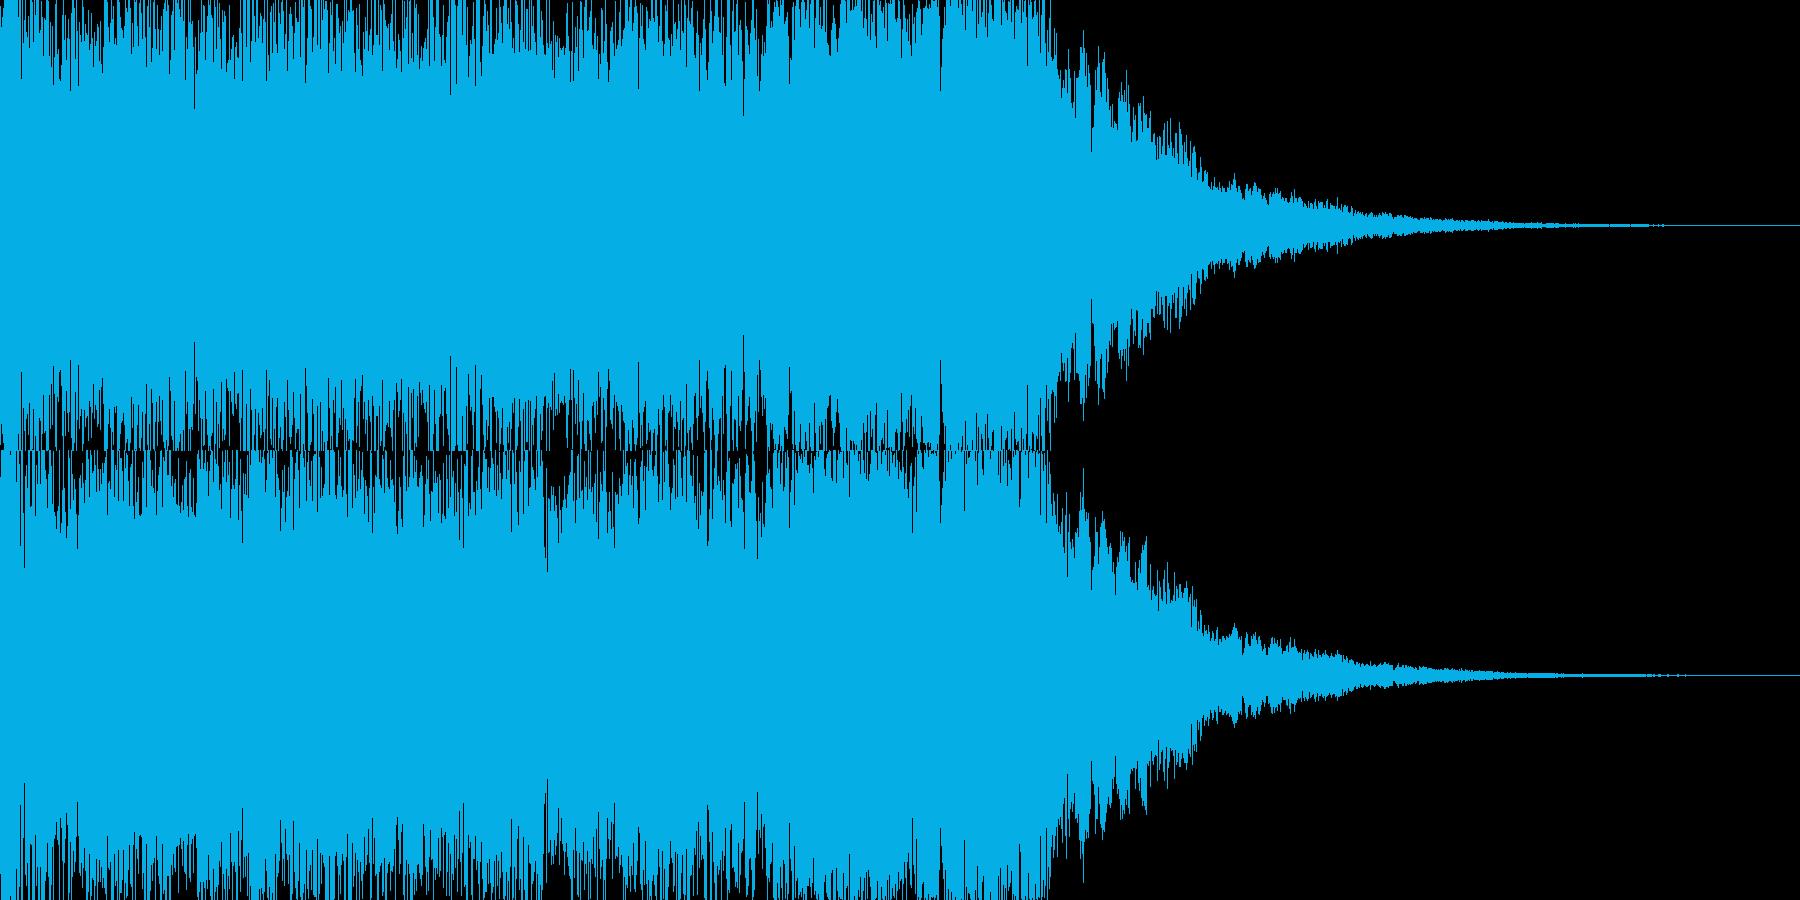 【キュイーン】パチンコの演出にの再生済みの波形